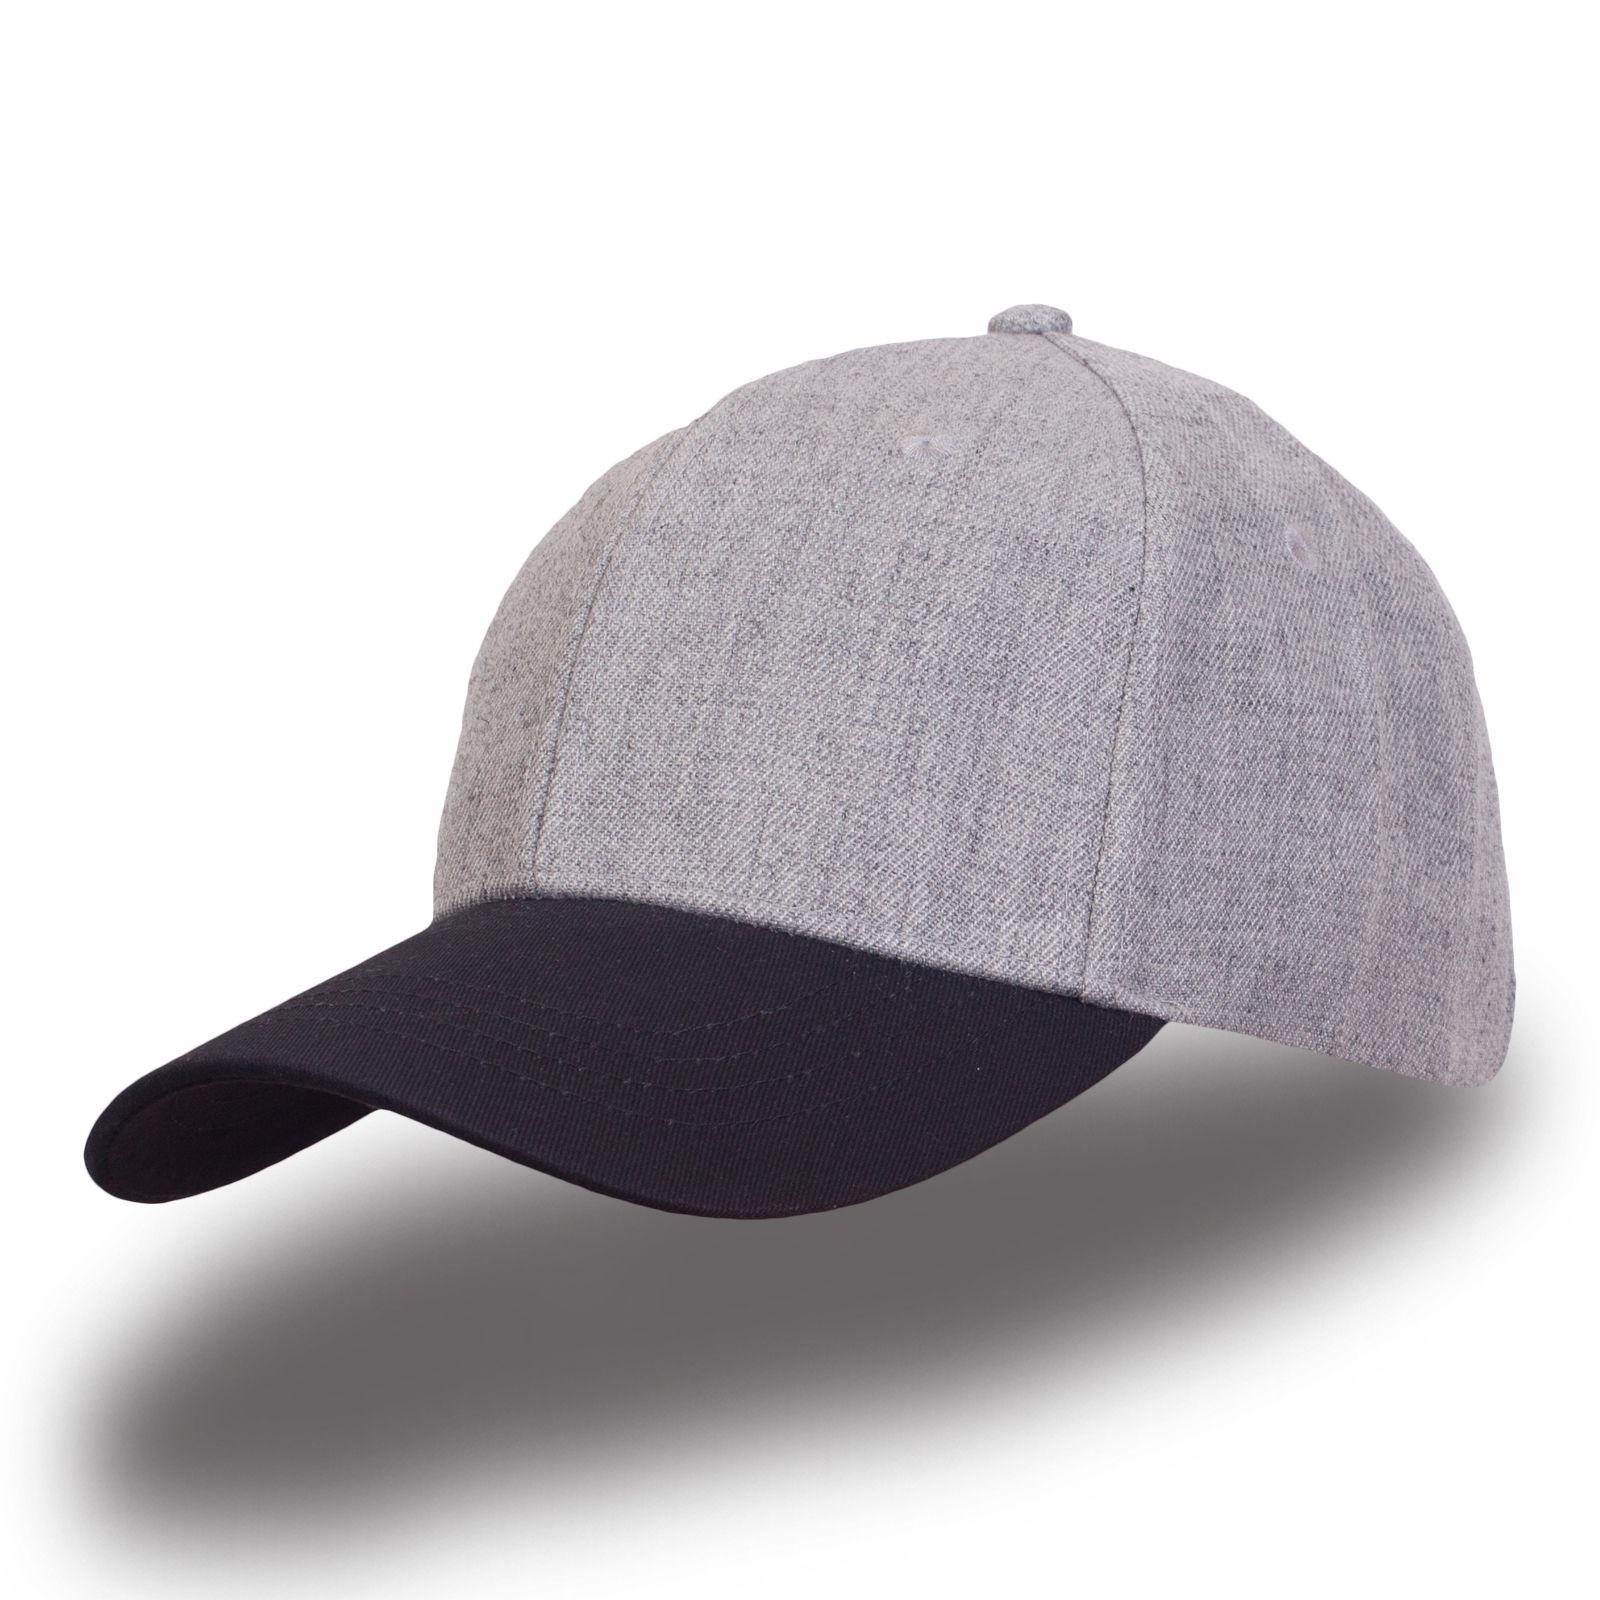 Серая кепка - купить в интернет-магазине с доставкой